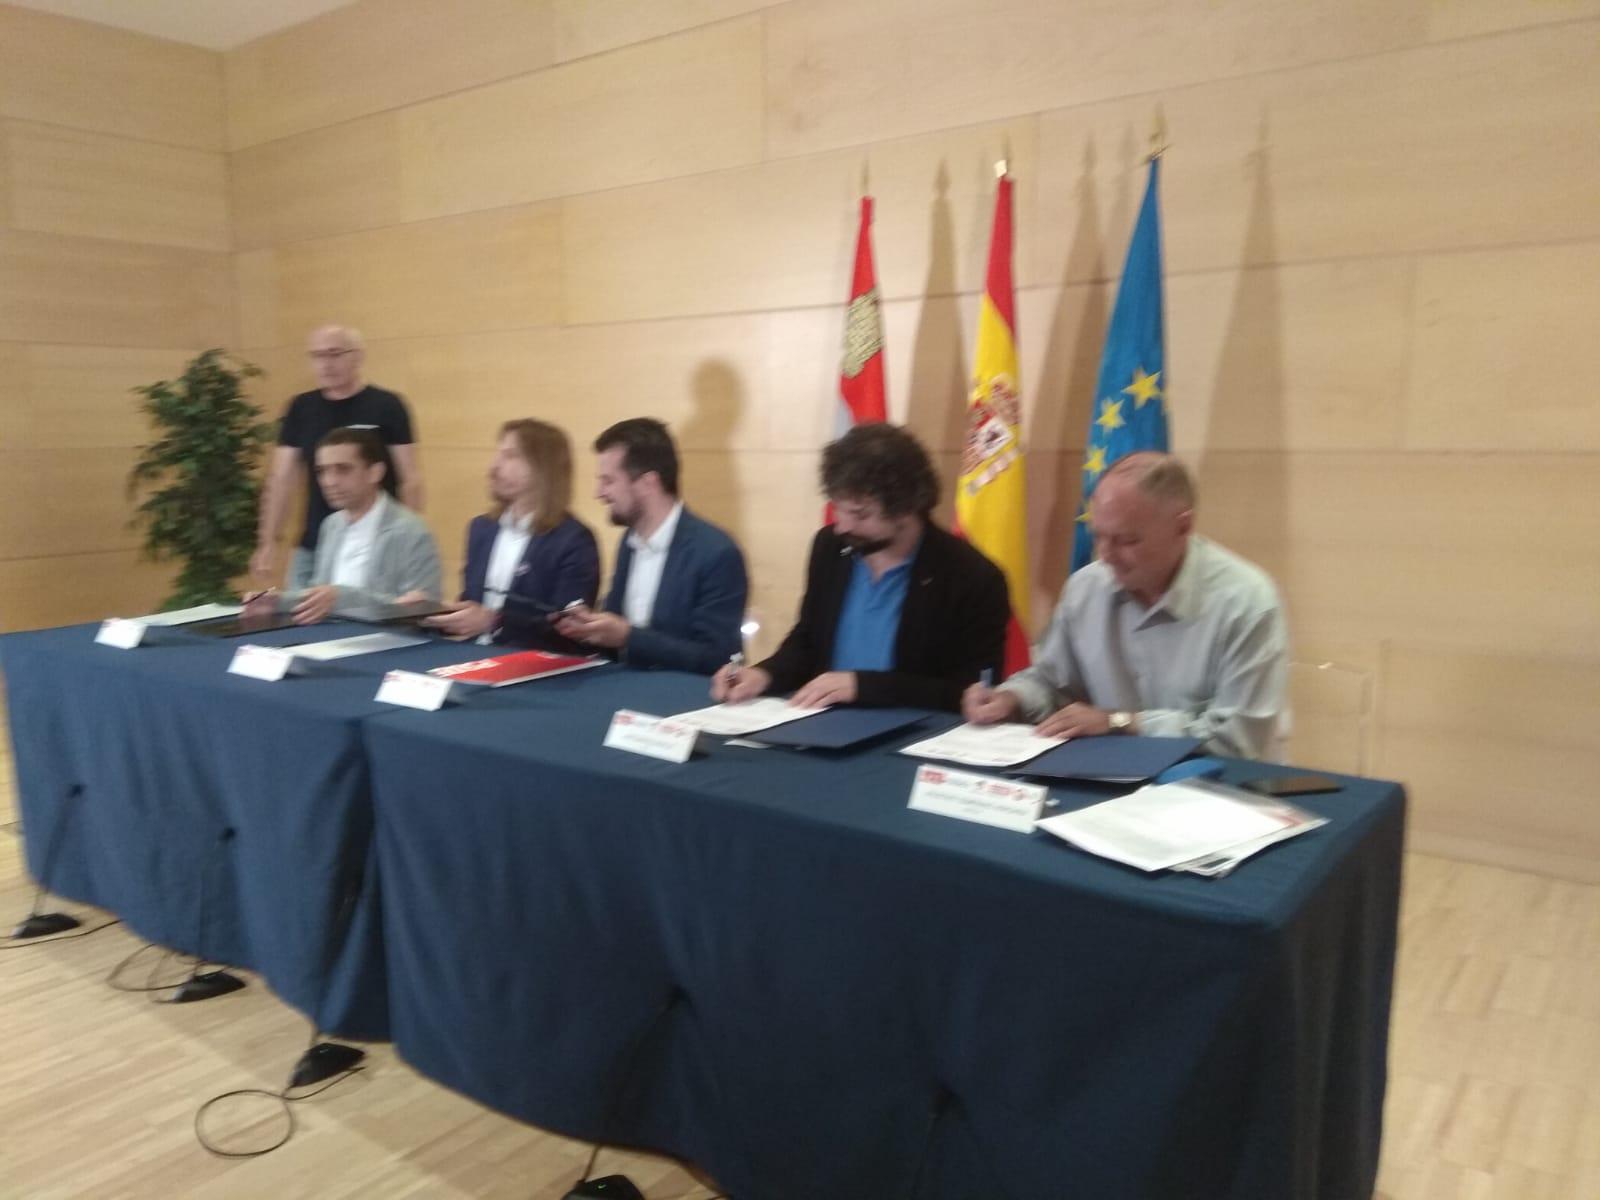 #PactoFiscalCyL @CCOO_CyL @PSOE_CyL, @iucyl, @podemos_Cyl y @UGTCyL